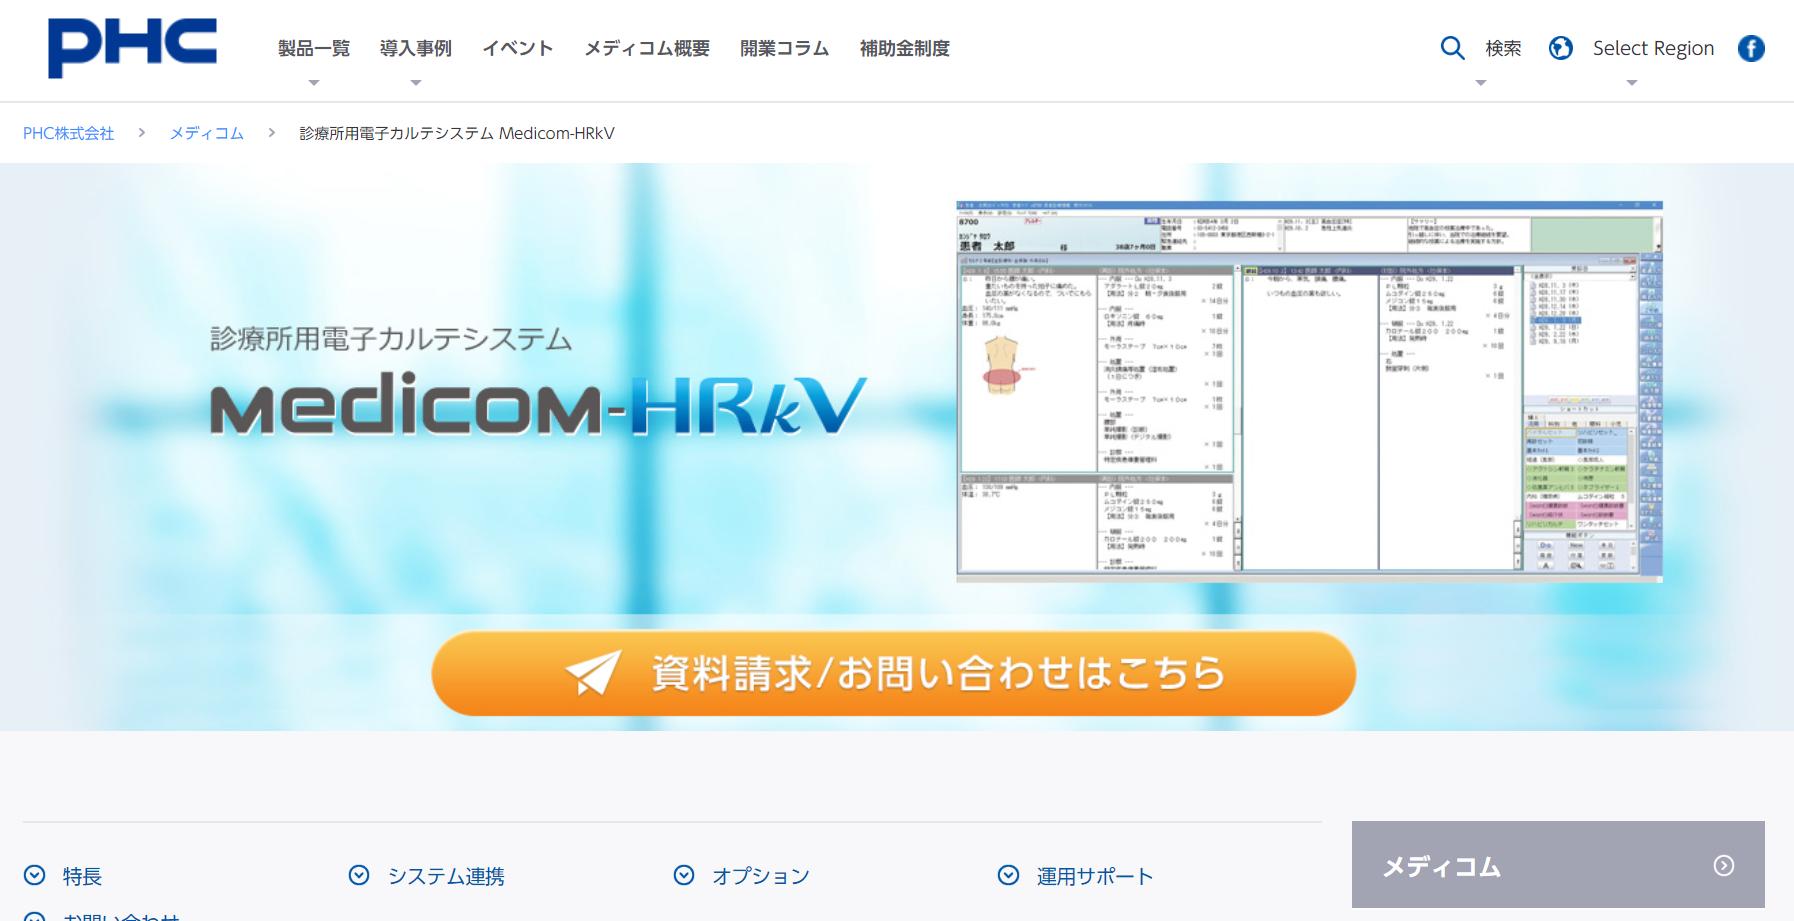 Medicom-HRkV